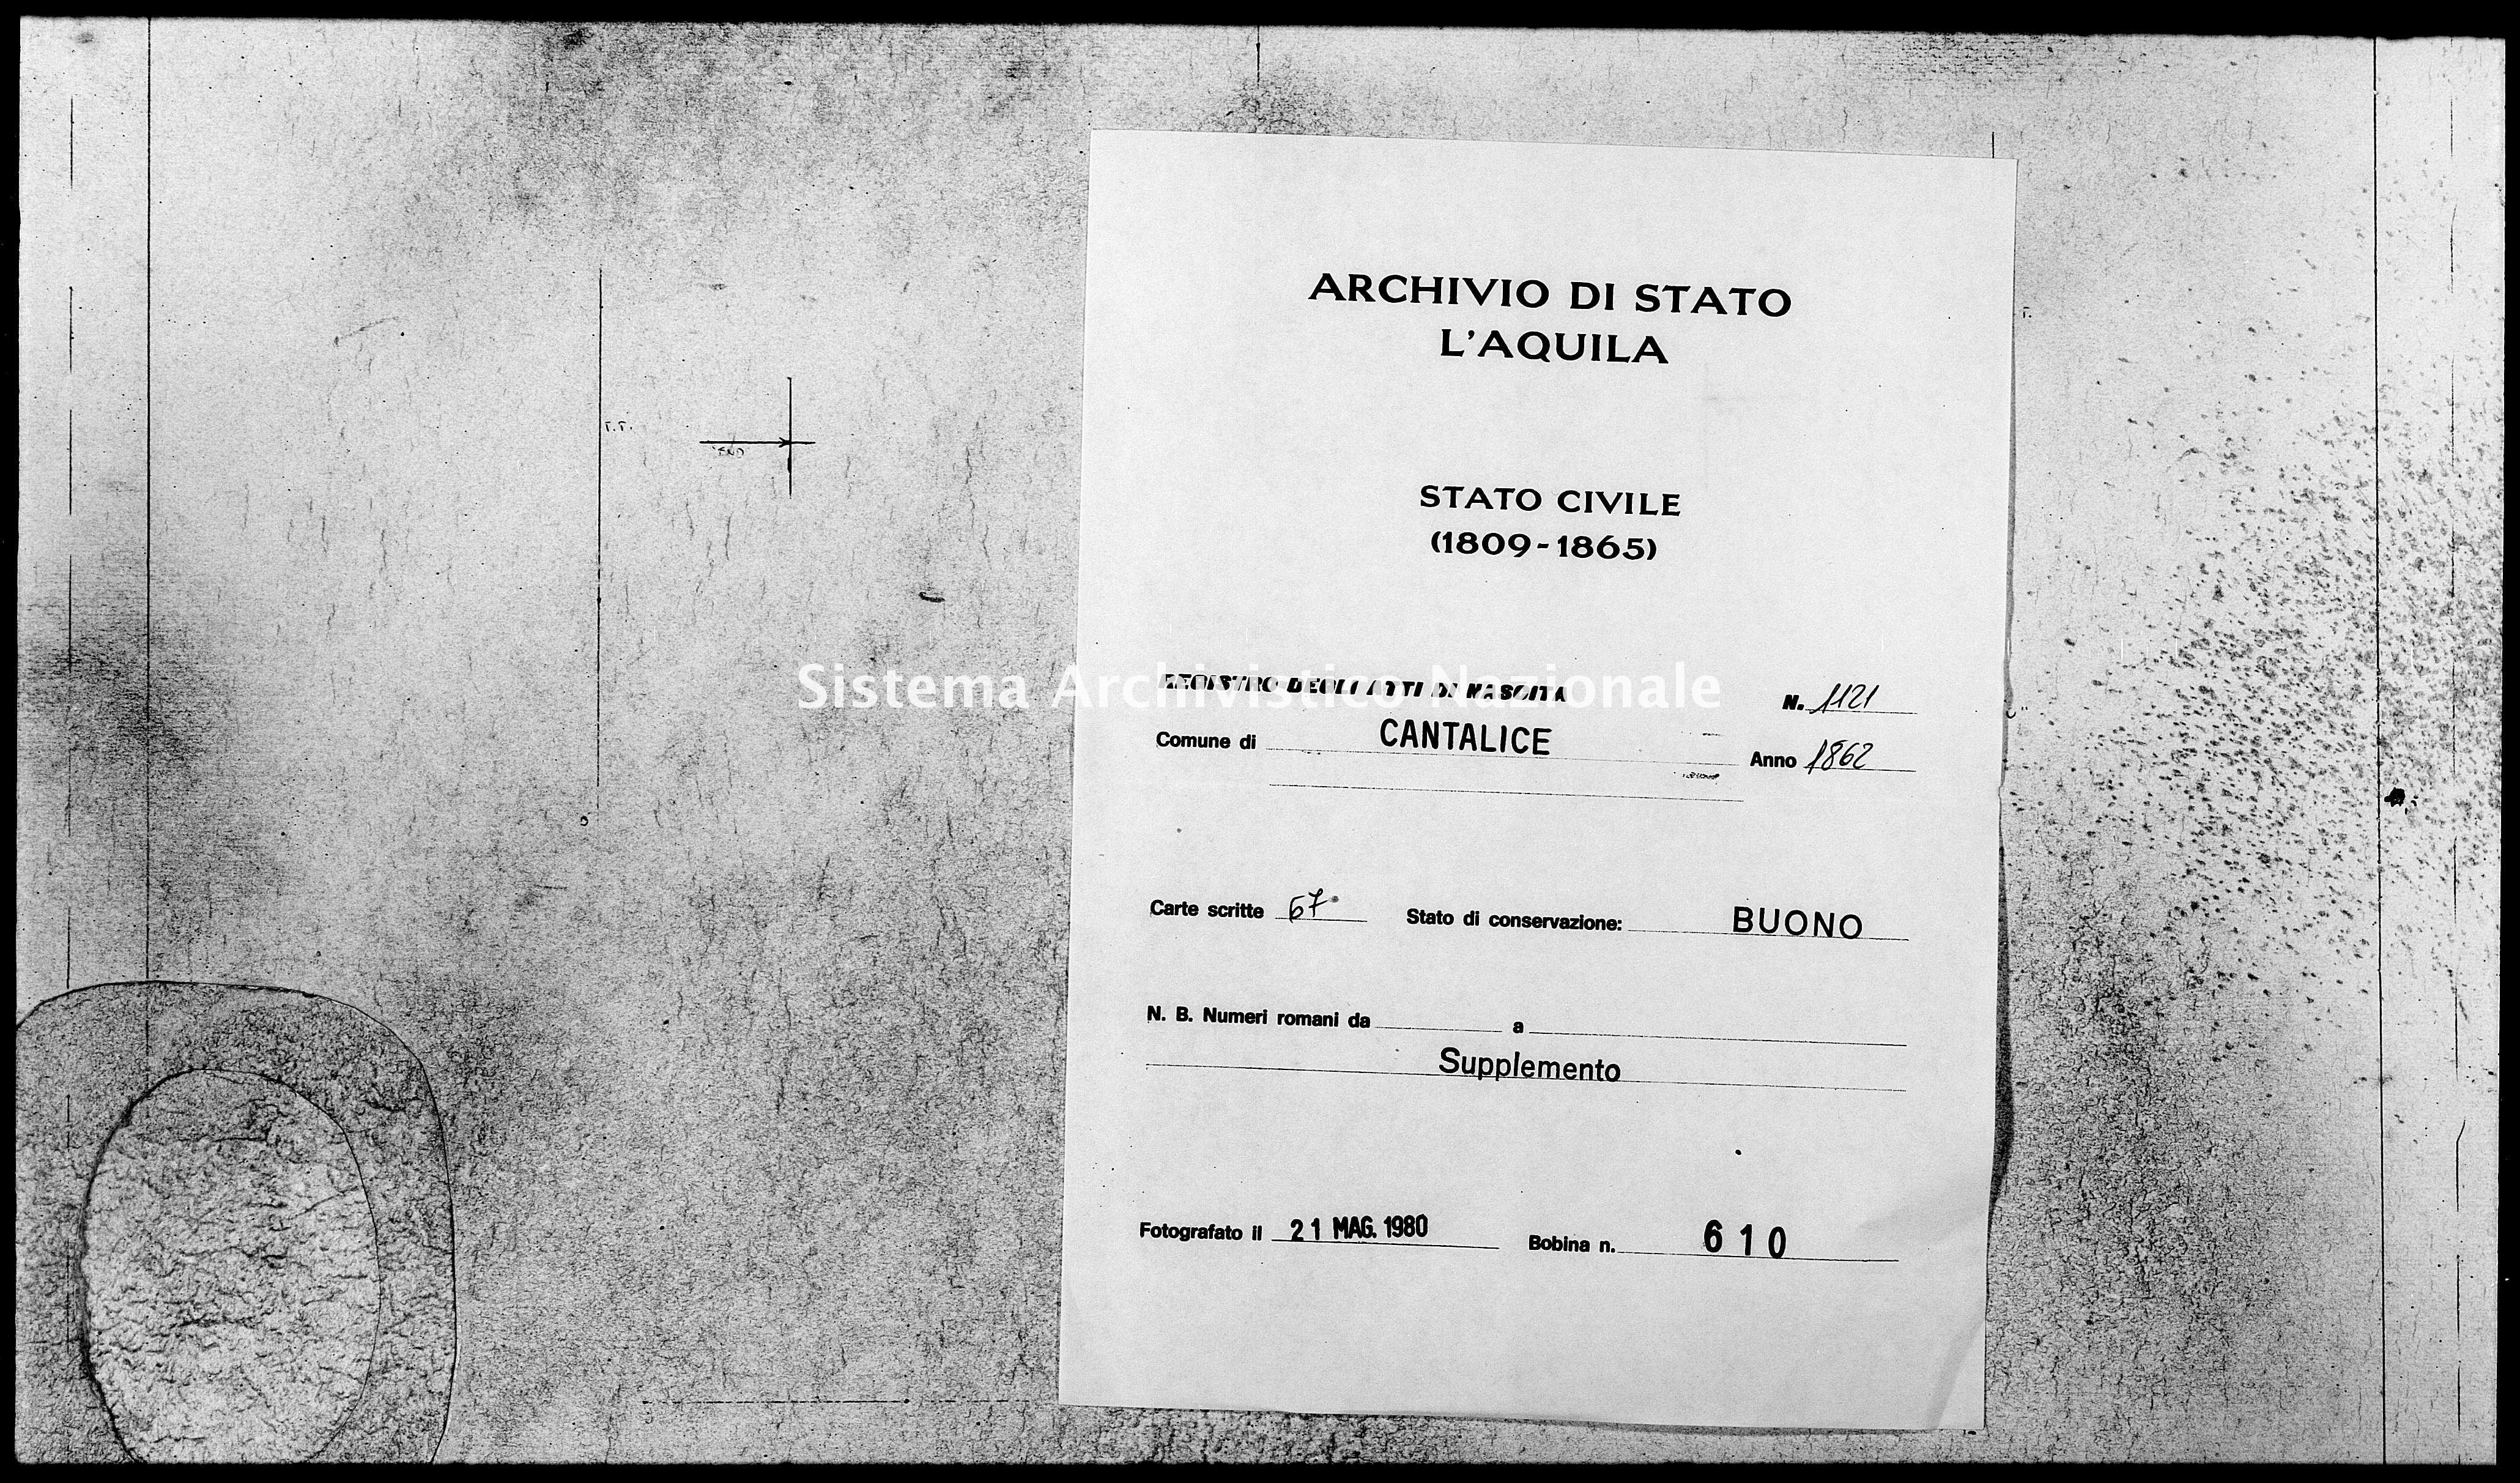 Archivio di stato di L'aquila - Stato civile italiano - Cantalice - Nati, battesimi - 1862 - 1121 -